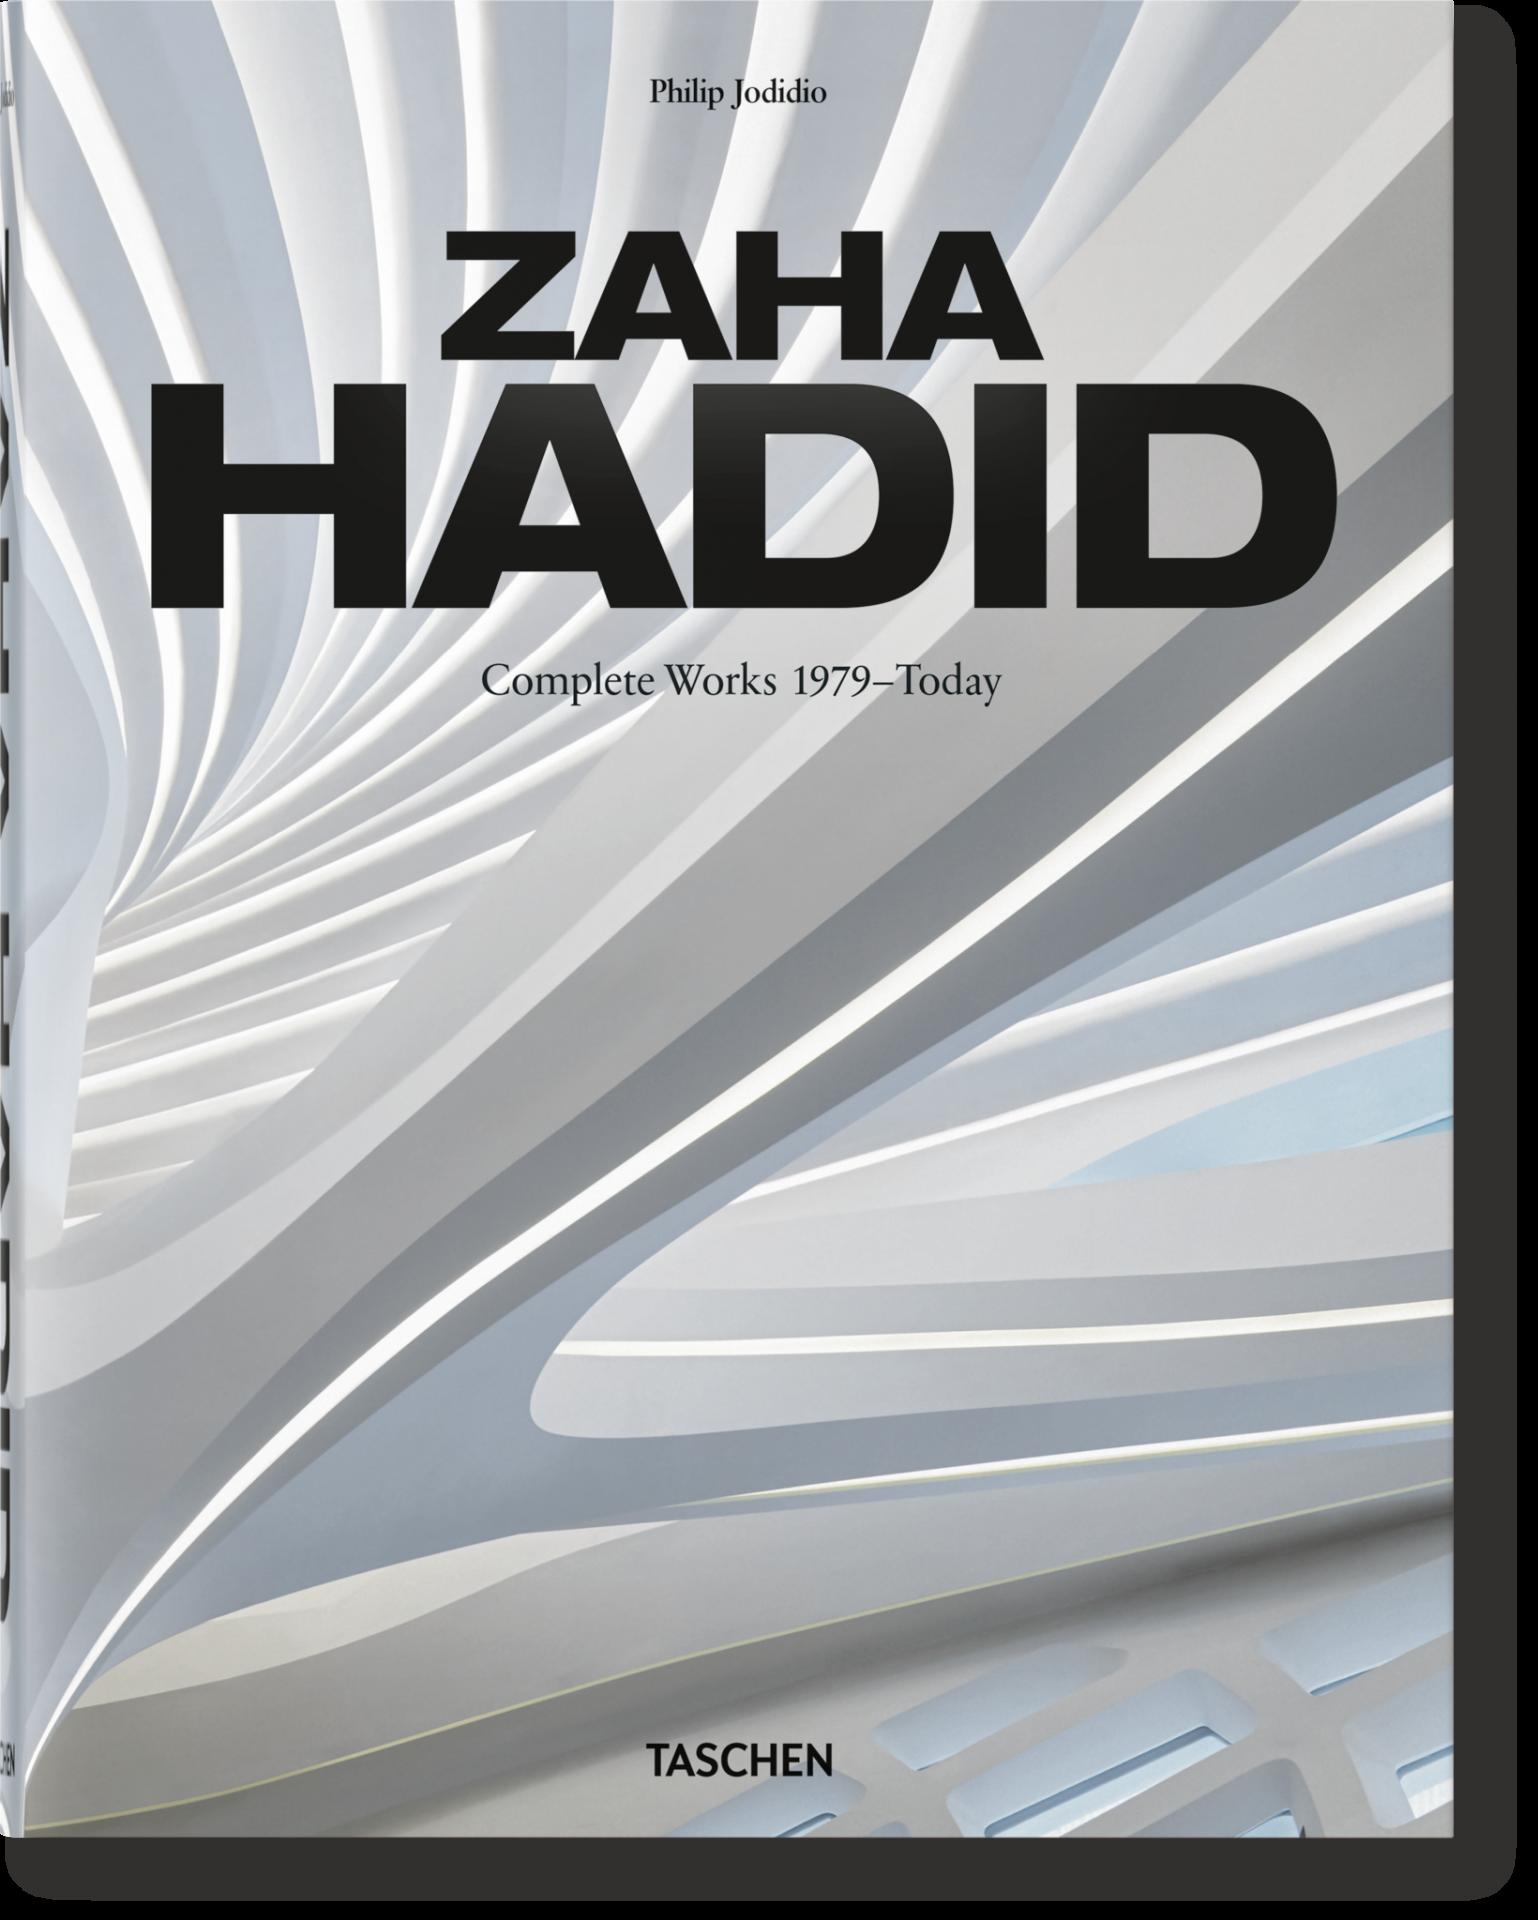 Zaha Hadid, de P. Jodidio, éd. Taschen